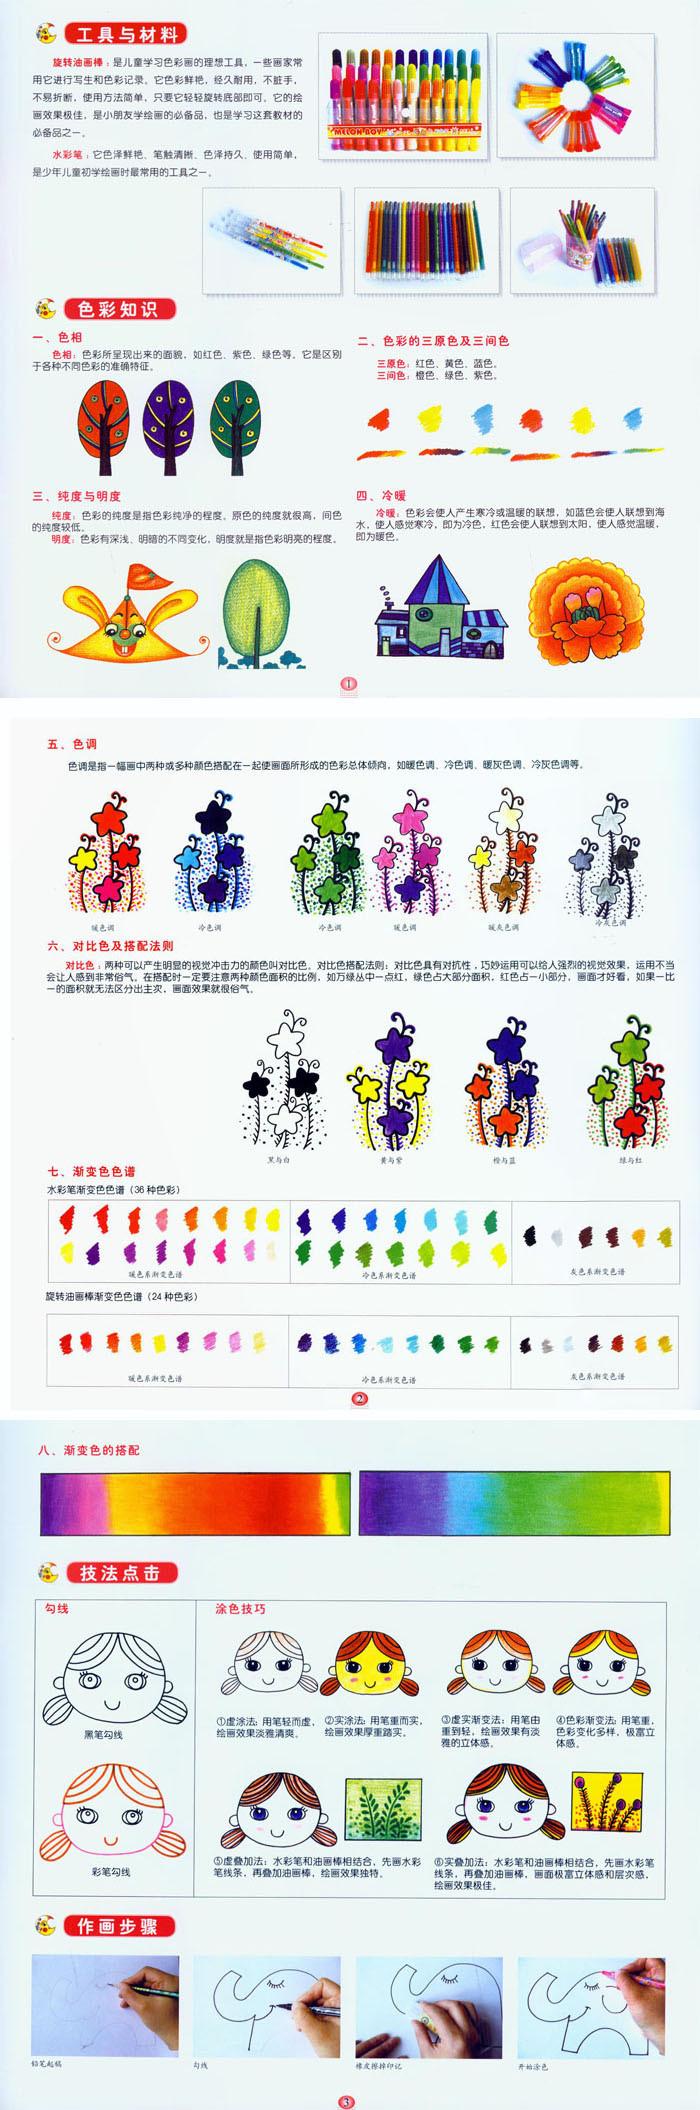 赵锦飞邵红梅主编儿童学画画教材入门 水彩笔画油画棒画教材